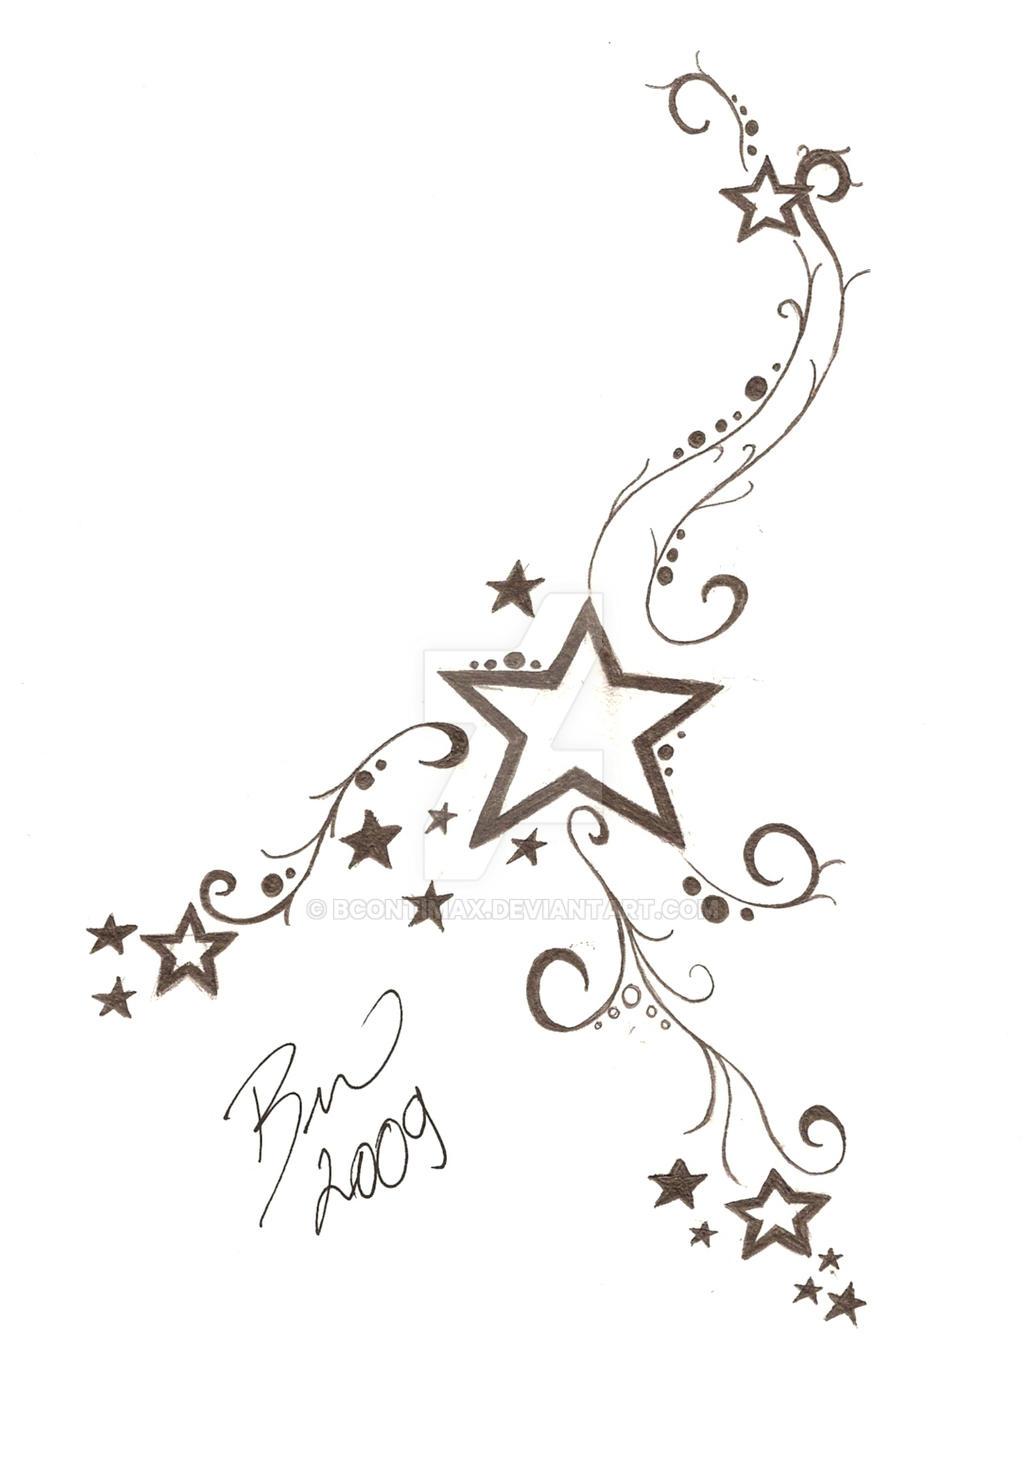 Рисунок звезд для тату